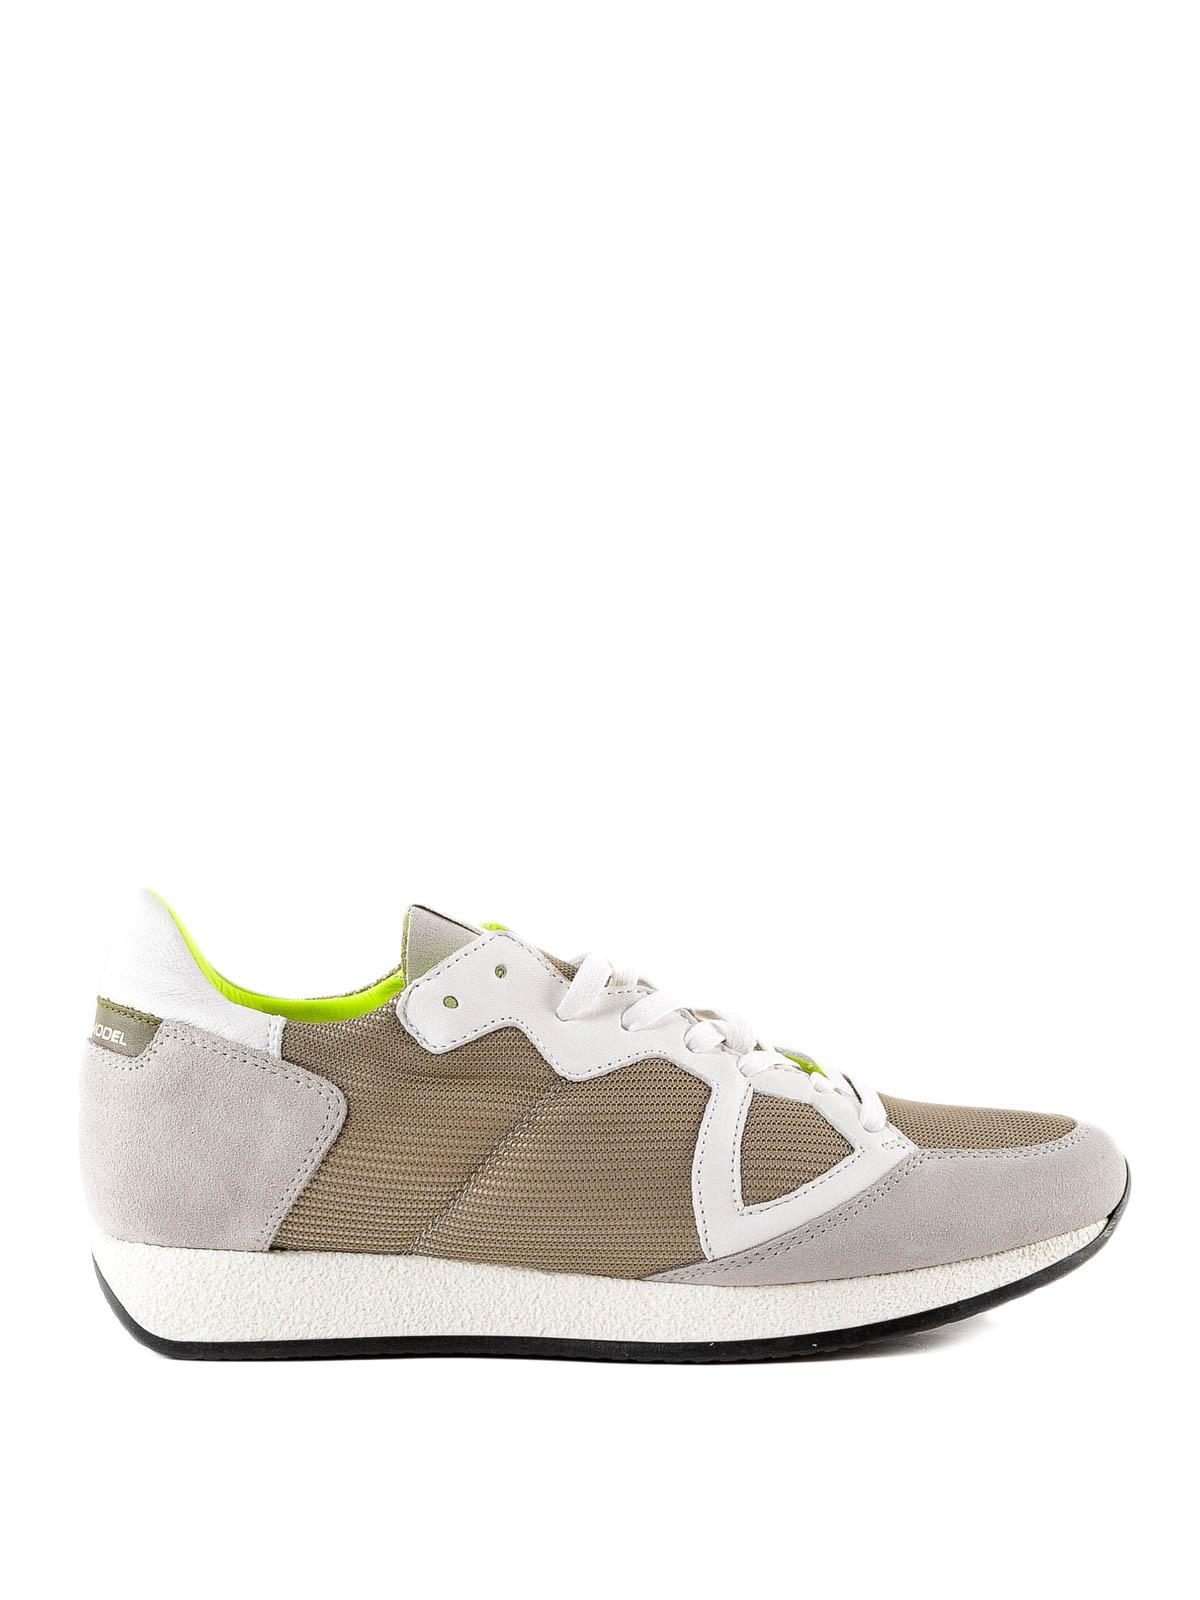 c91bb8e376ead PHILIPPE MODEL  sneakers - Sneaker Monaco beige in tessuto e camoscio